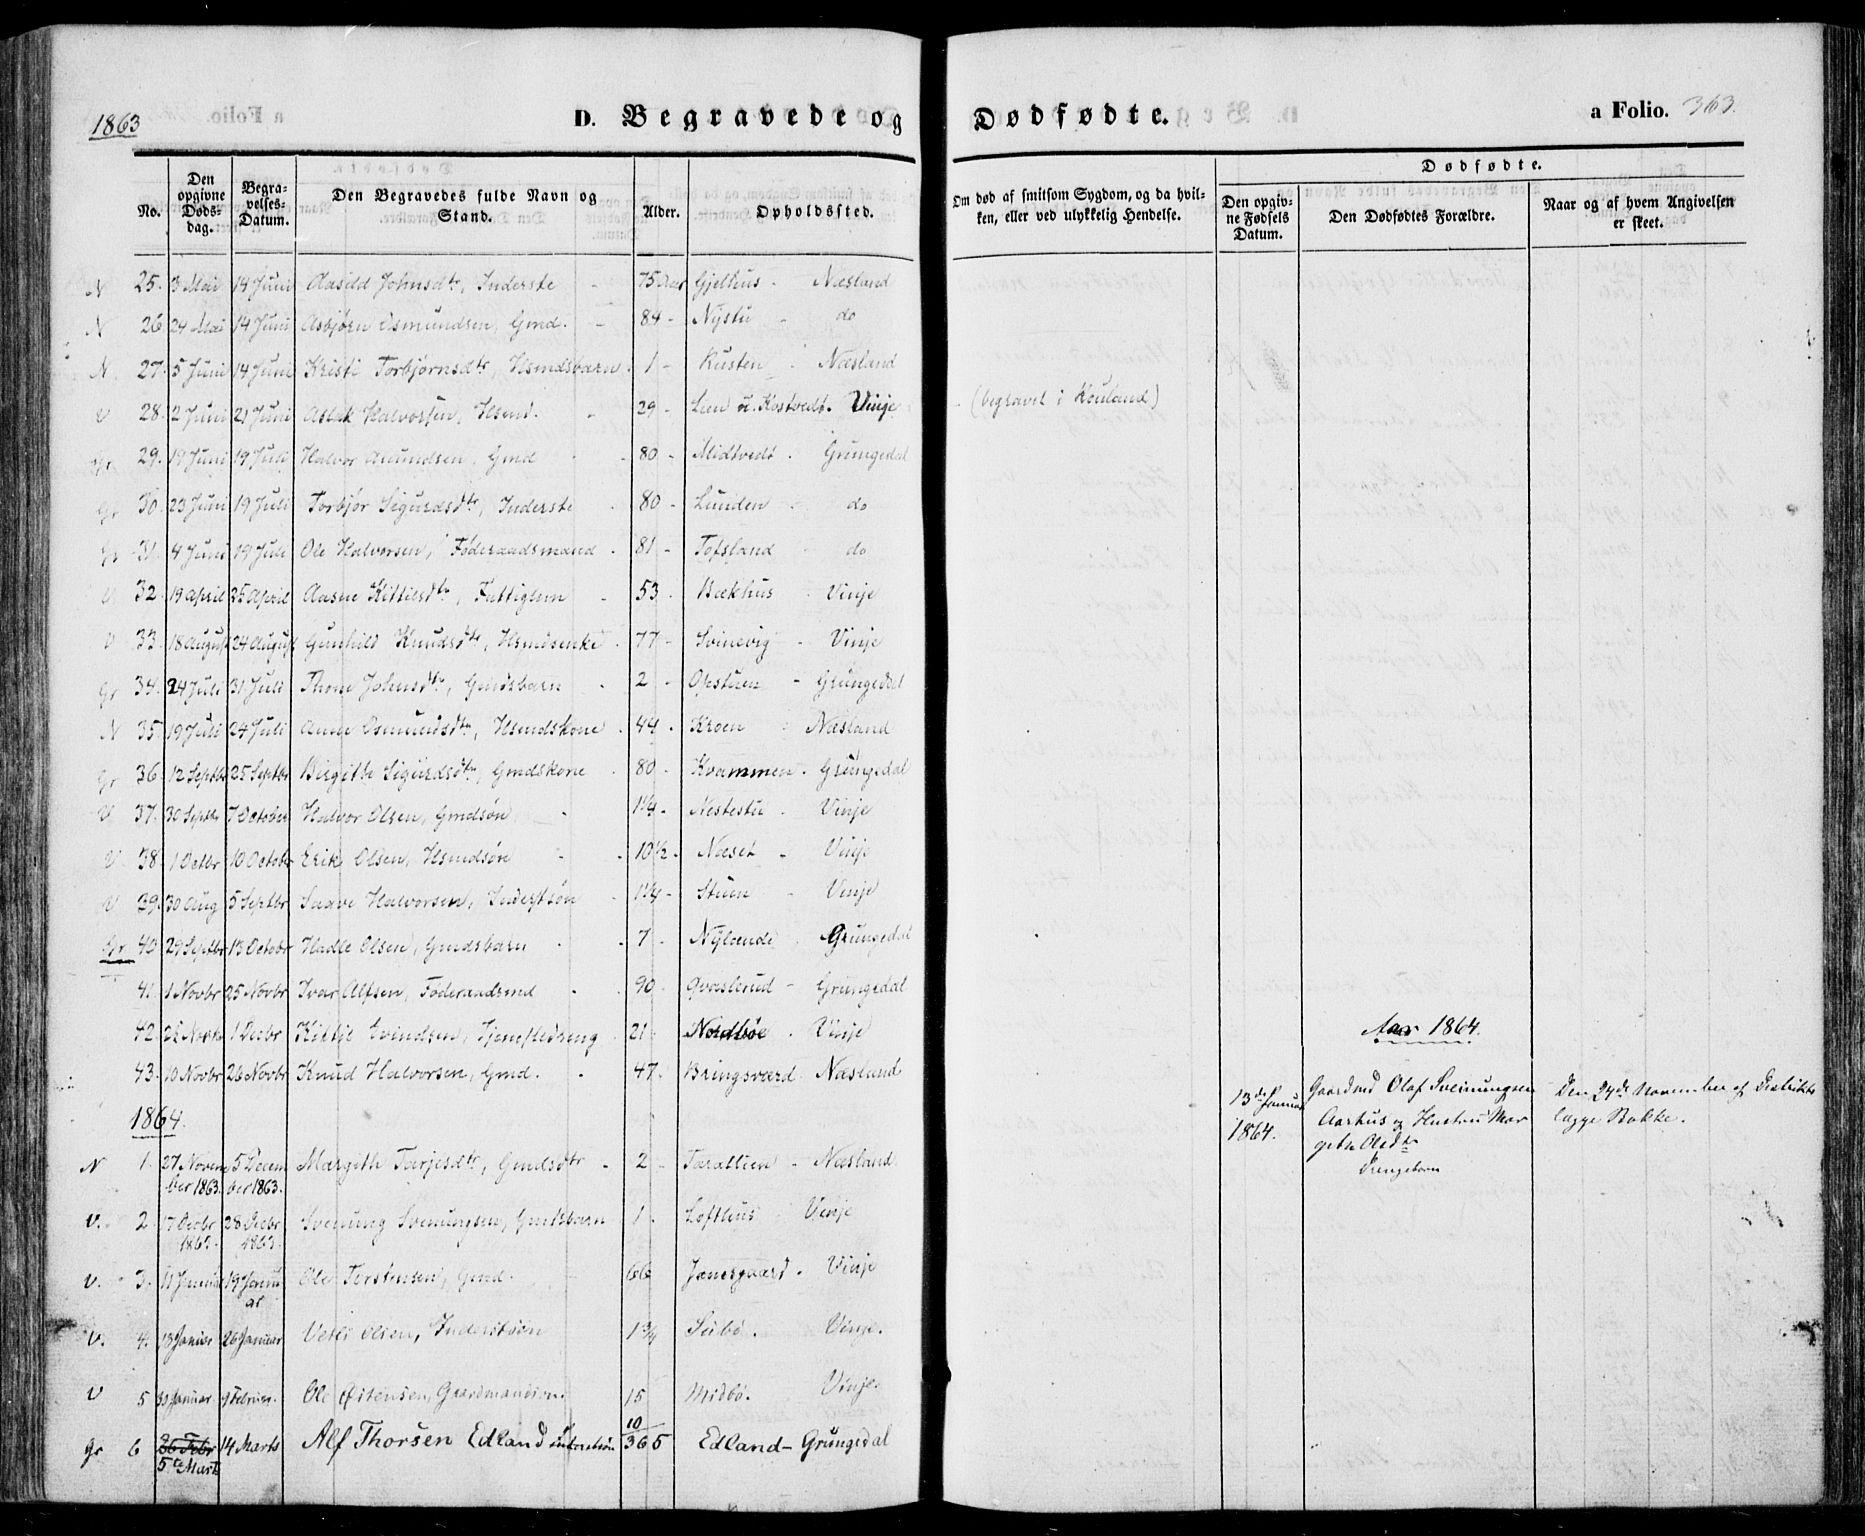 SAKO, Vinje kirkebøker, F/Fa/L0004: Ministerialbok nr. I 4, 1843-1869, s. 363